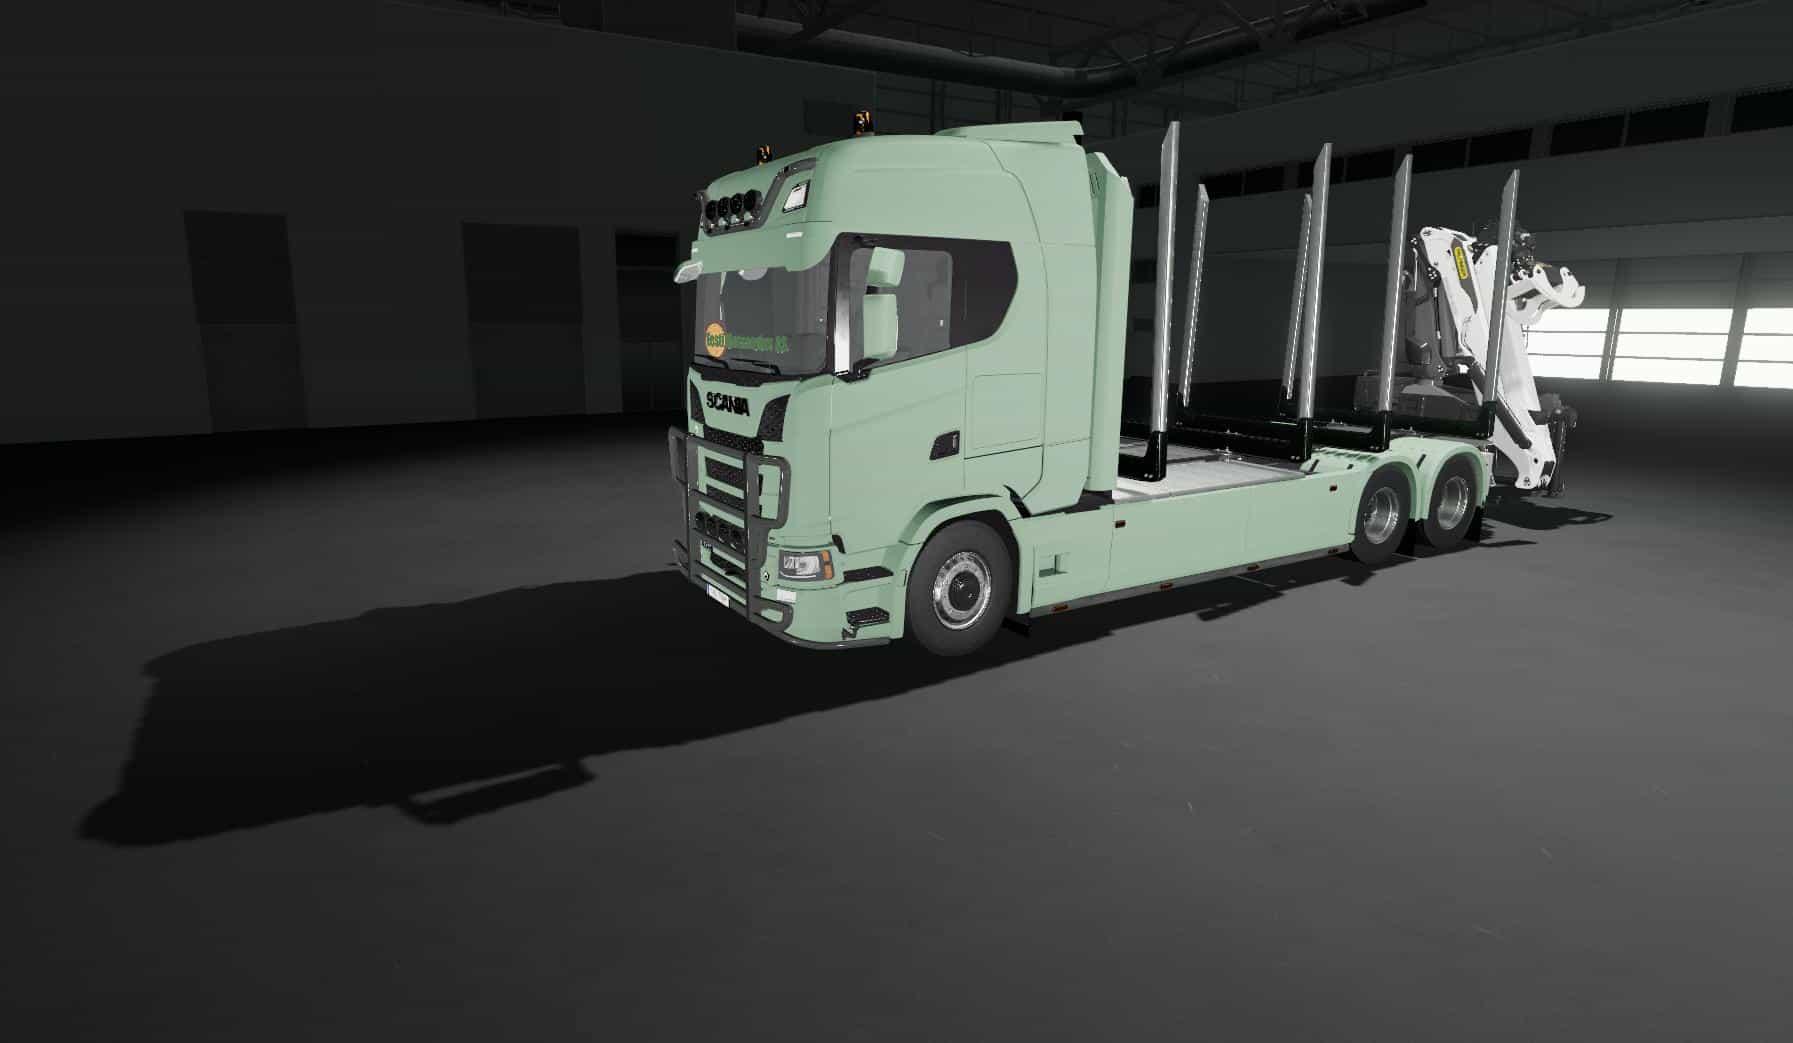 Scania R730 v2 1 Truck FS 19 - Farming simulator 17 / 2017 mod